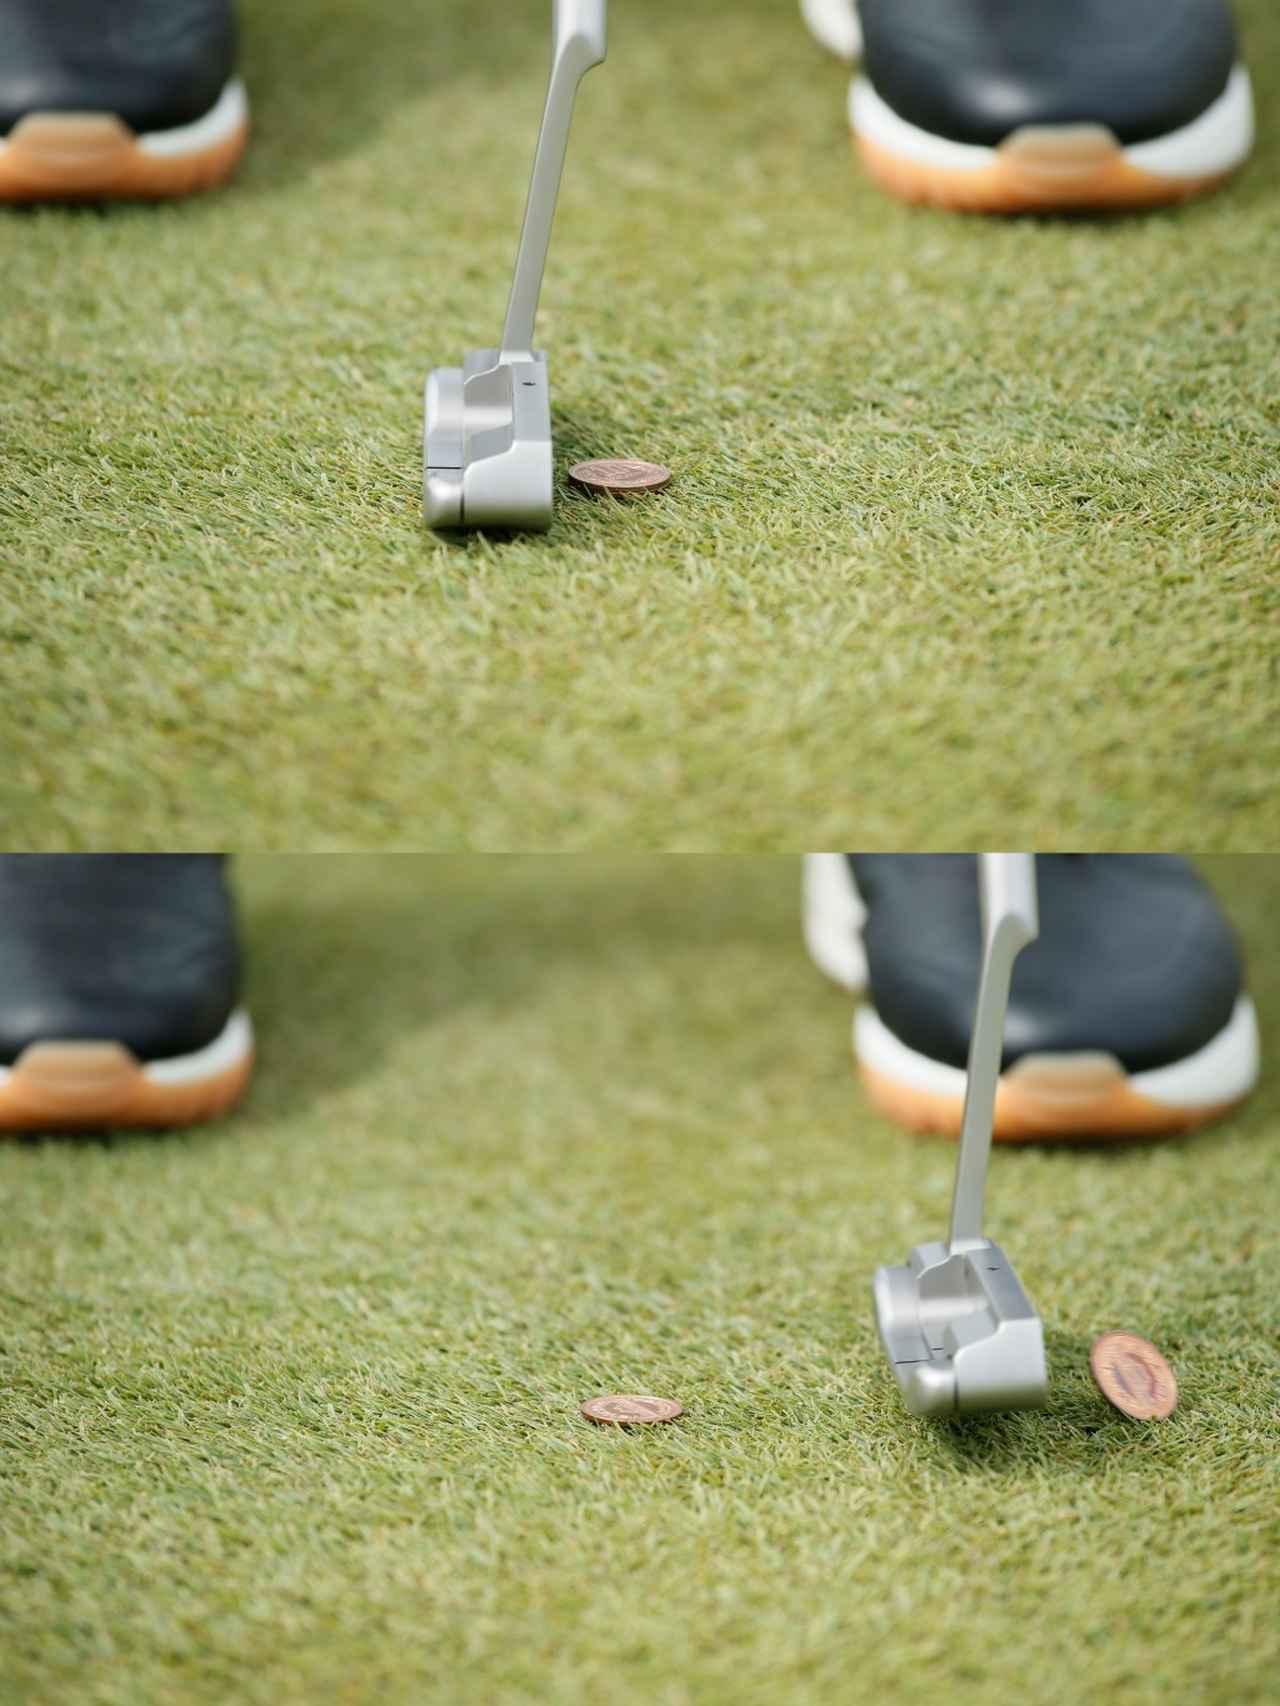 画像: 芝の上に置くと下の1枚はほぼ見えないが、上の1枚だけを正確にヒット……まさに神業だ